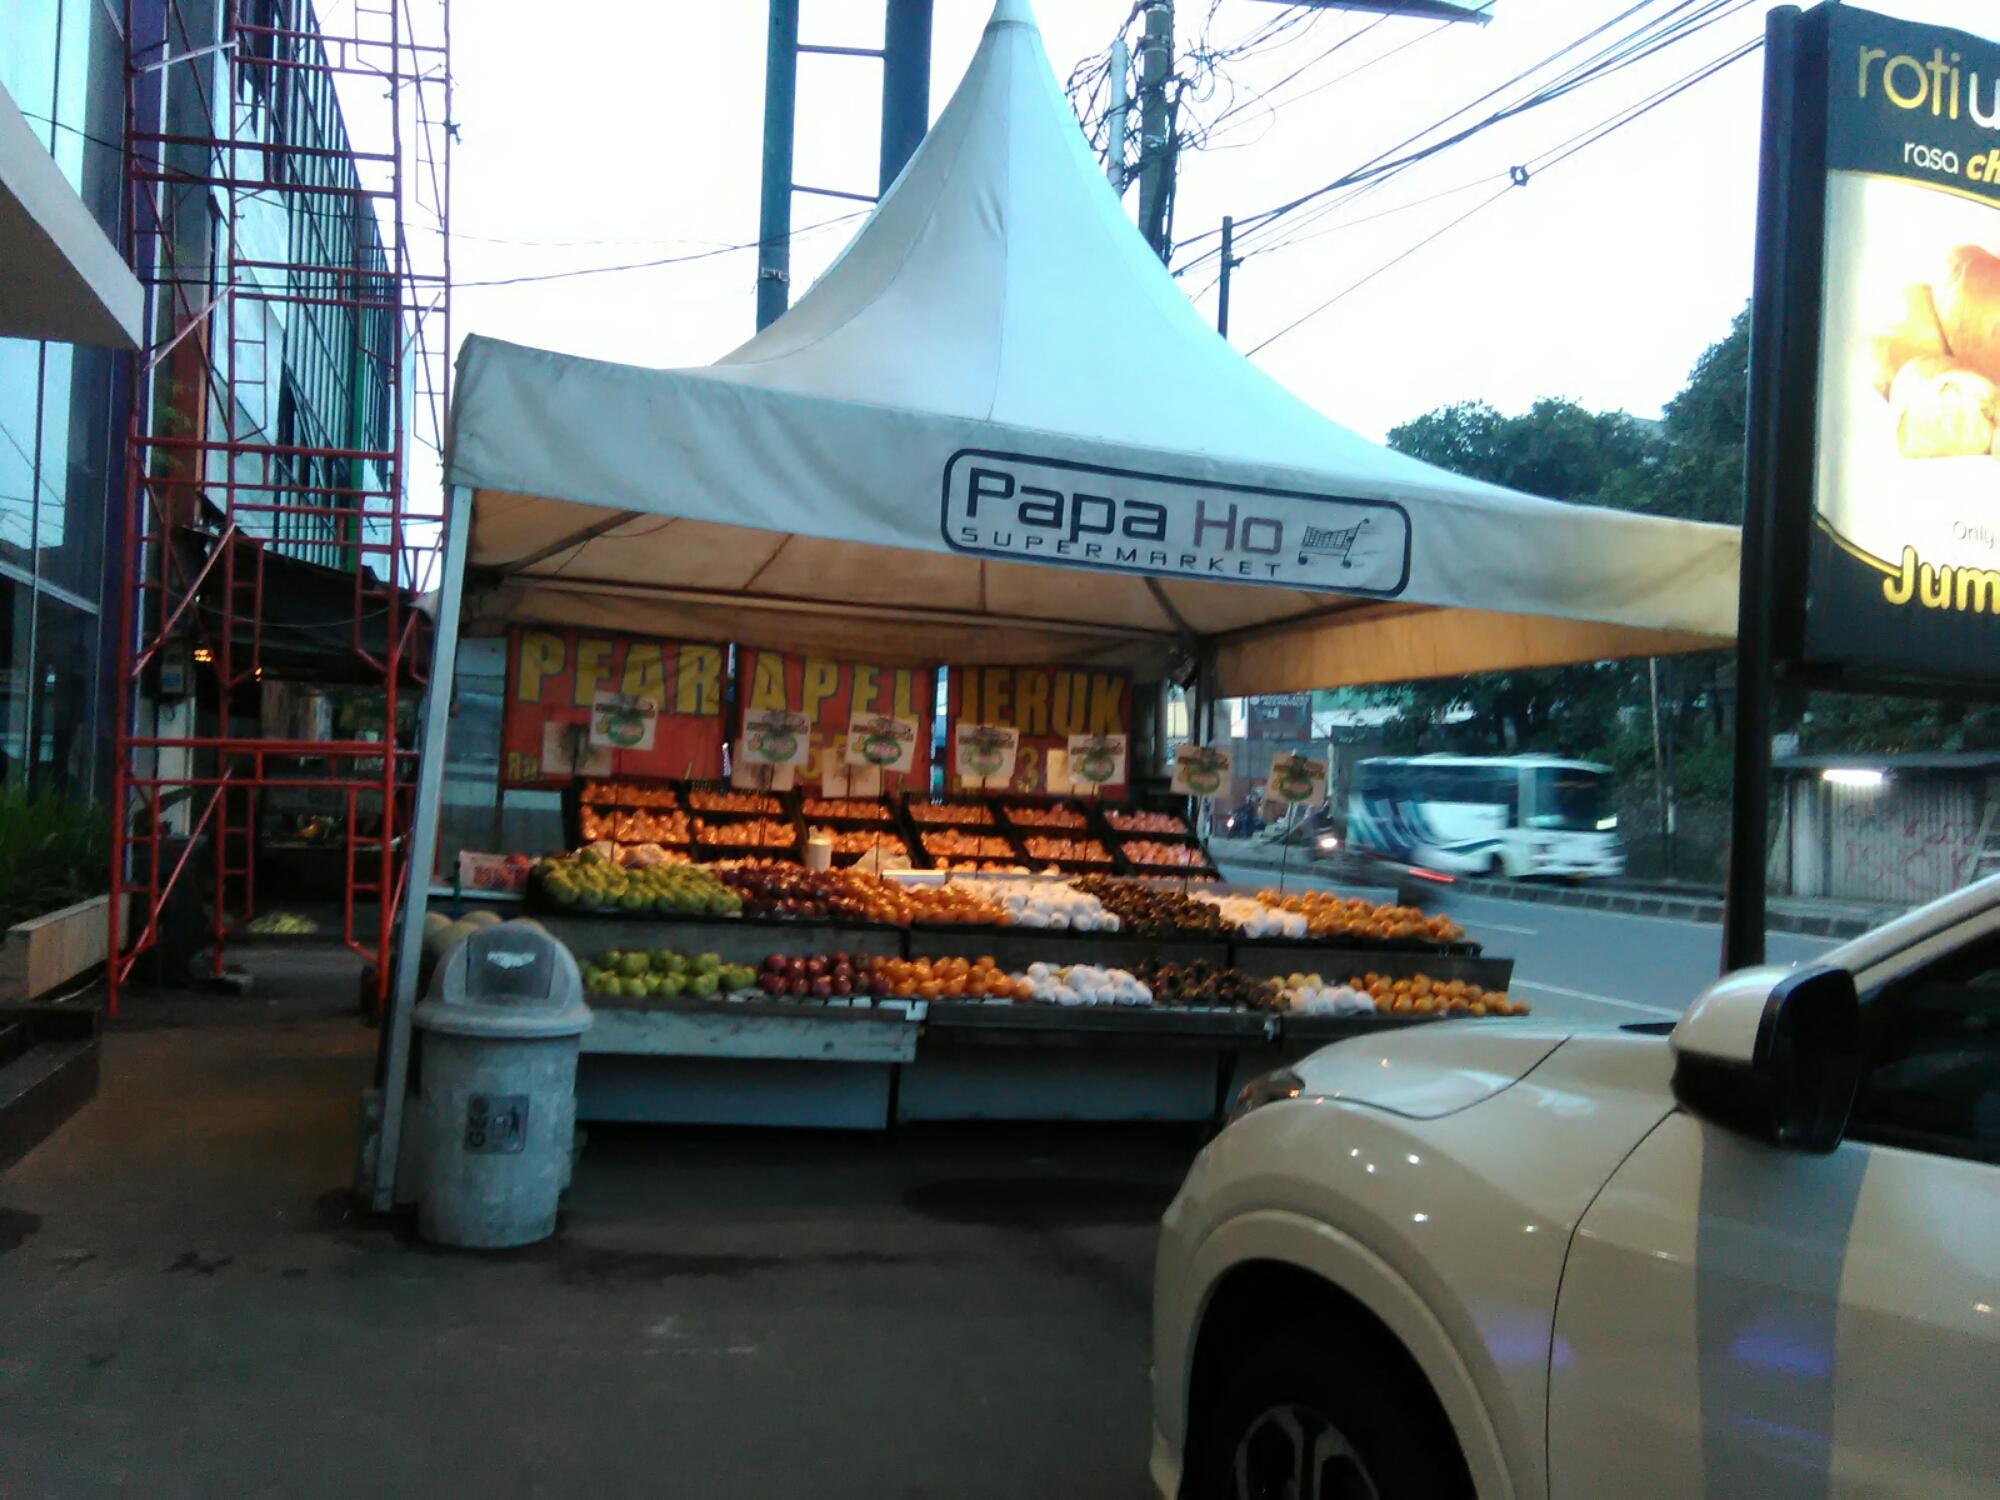 Papaho Hotel